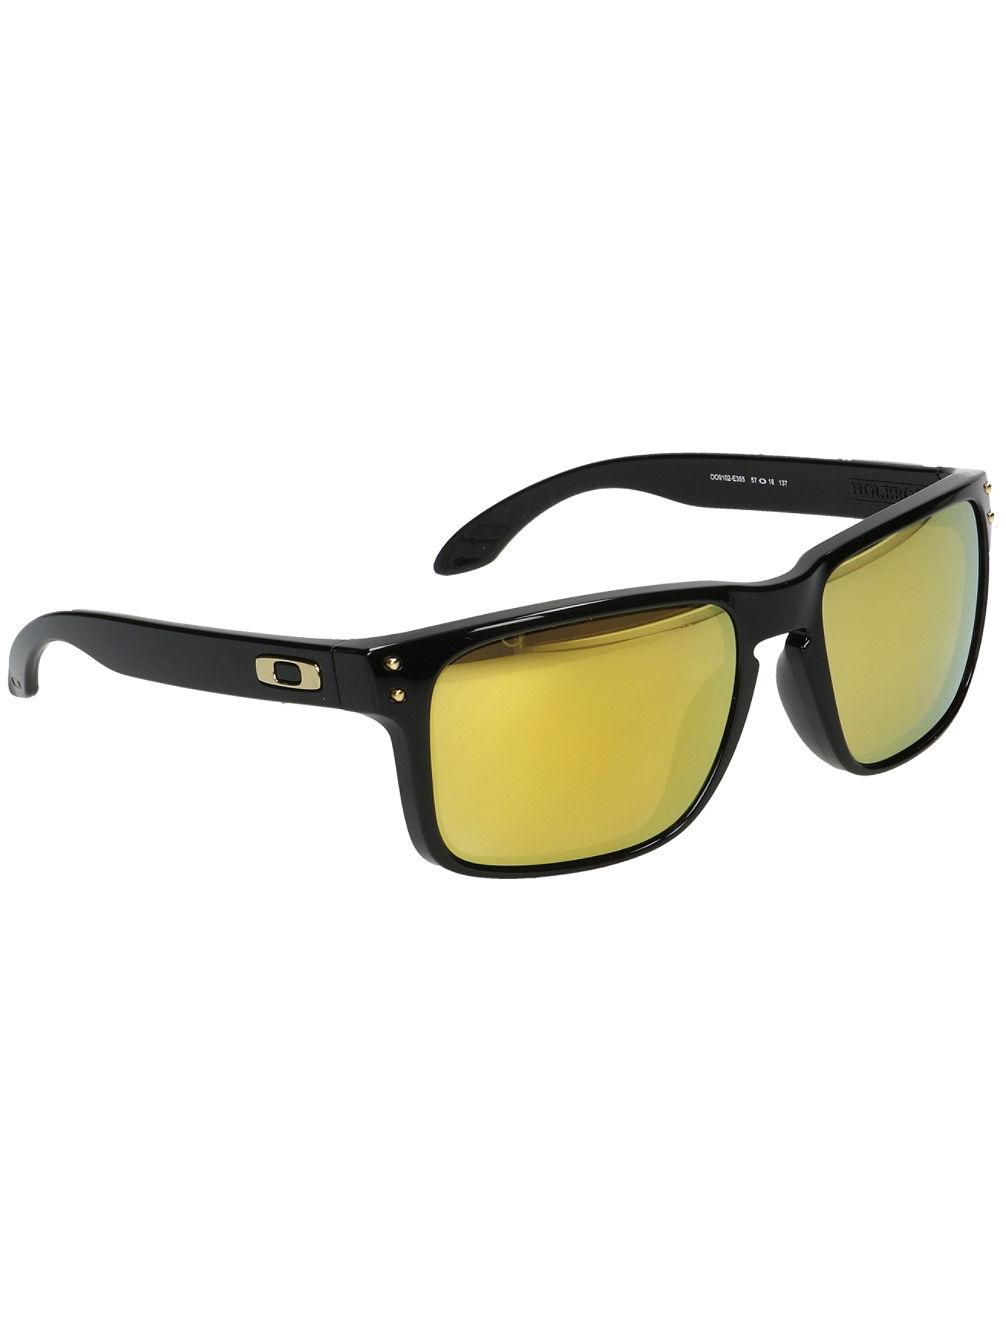 39dfcd4d26 Compra Oakley Holbrook Polished Black 24kIridium Gafas de Sol en ...